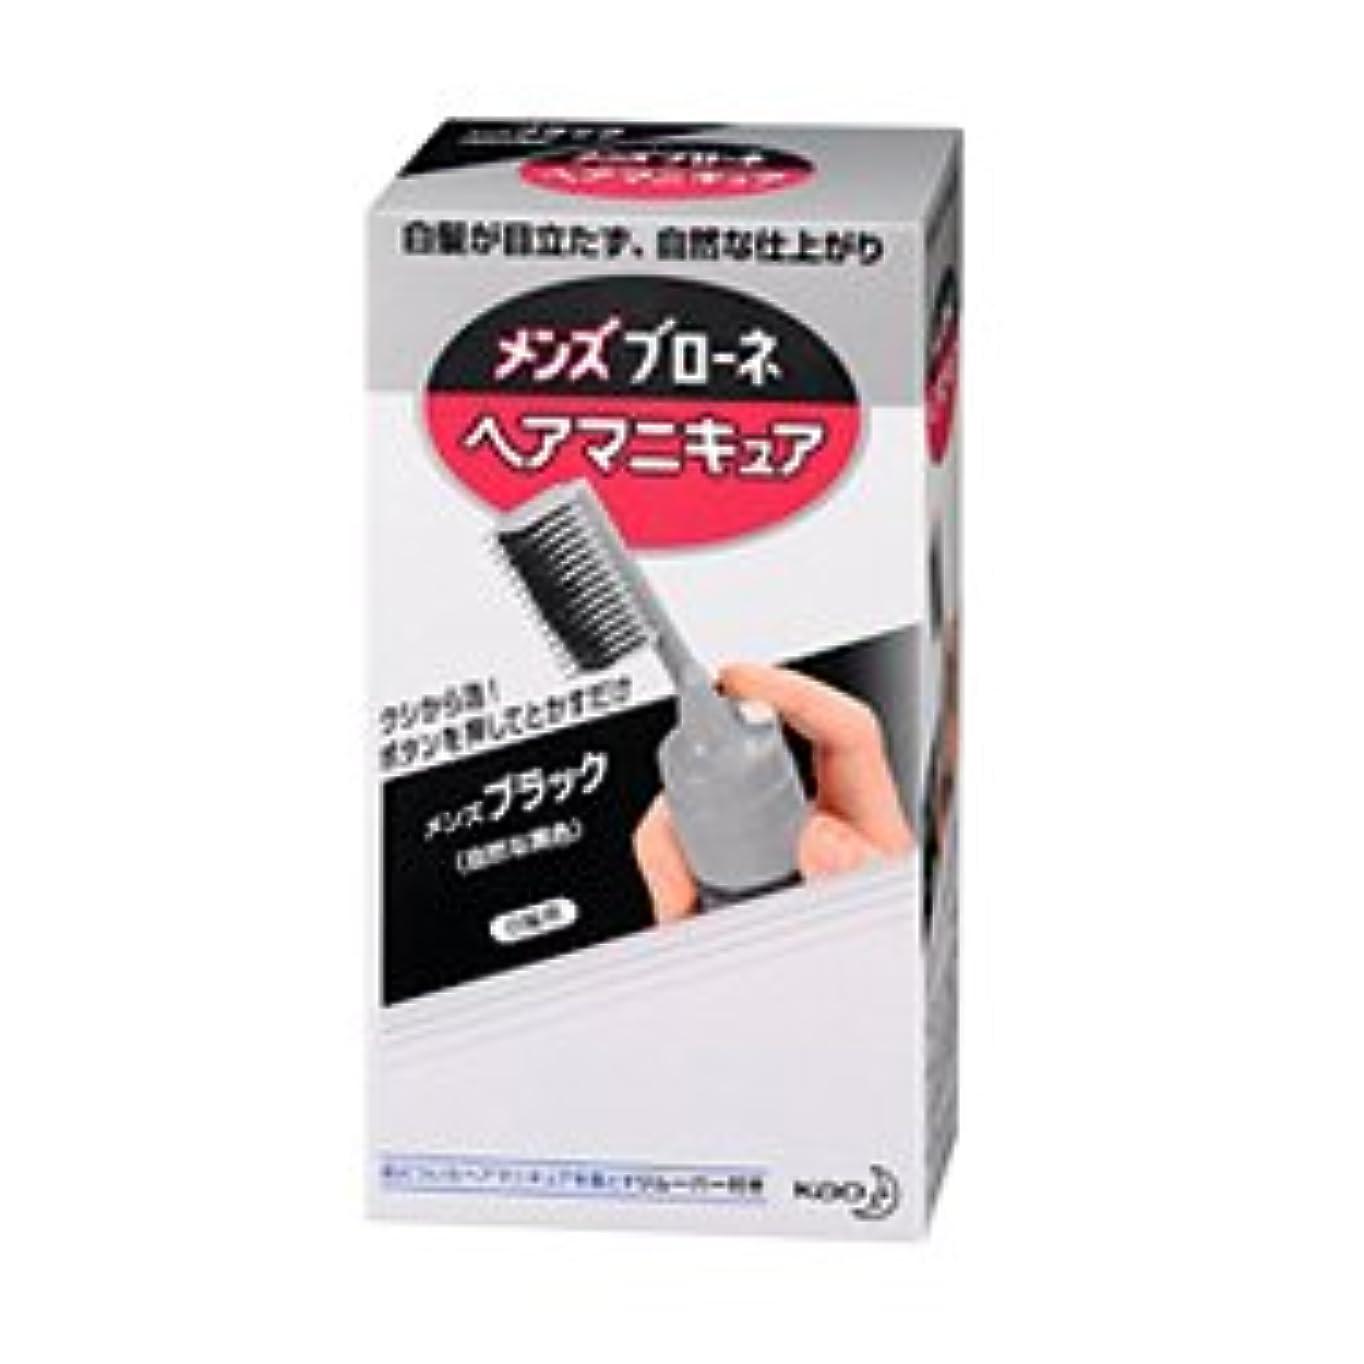 【花王】メンズブローネ ヘアマニキュア白髪用 メンズブラック ×20個セット